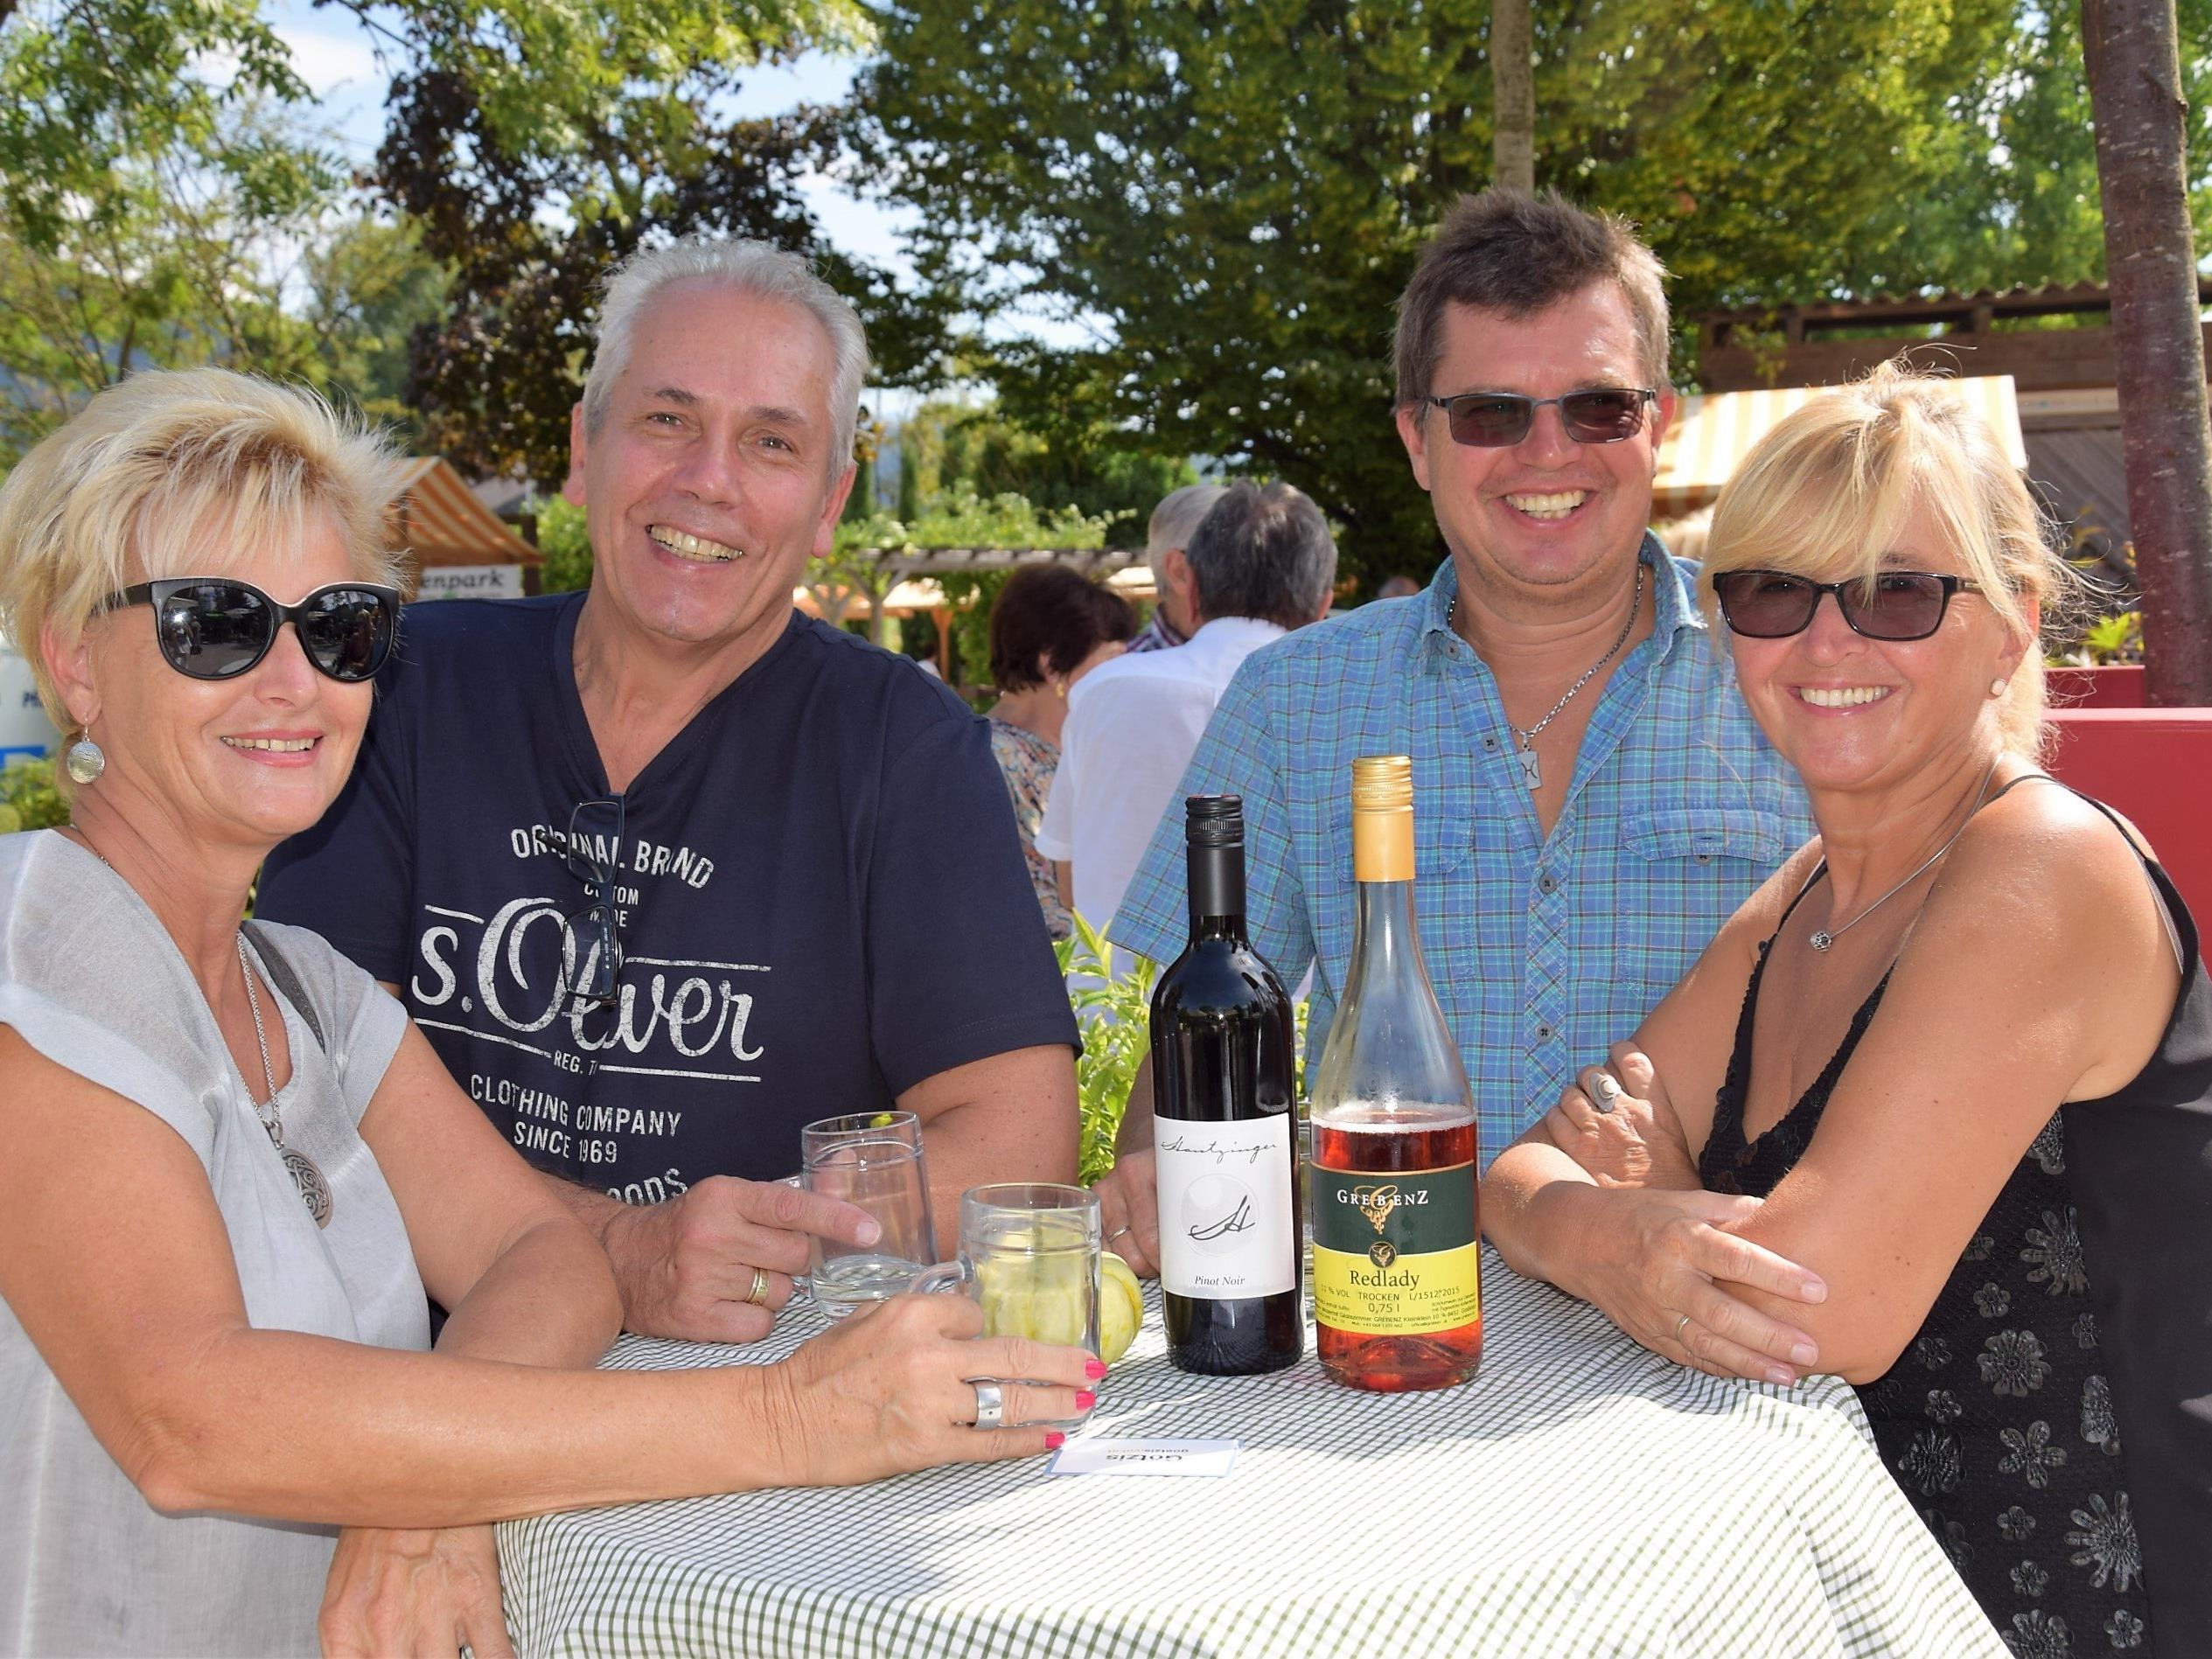 v.l.n.r. Elke, Reinhard, Gerhard und Waltraud genossen einen edlen Wein im Ideenpark amKumma